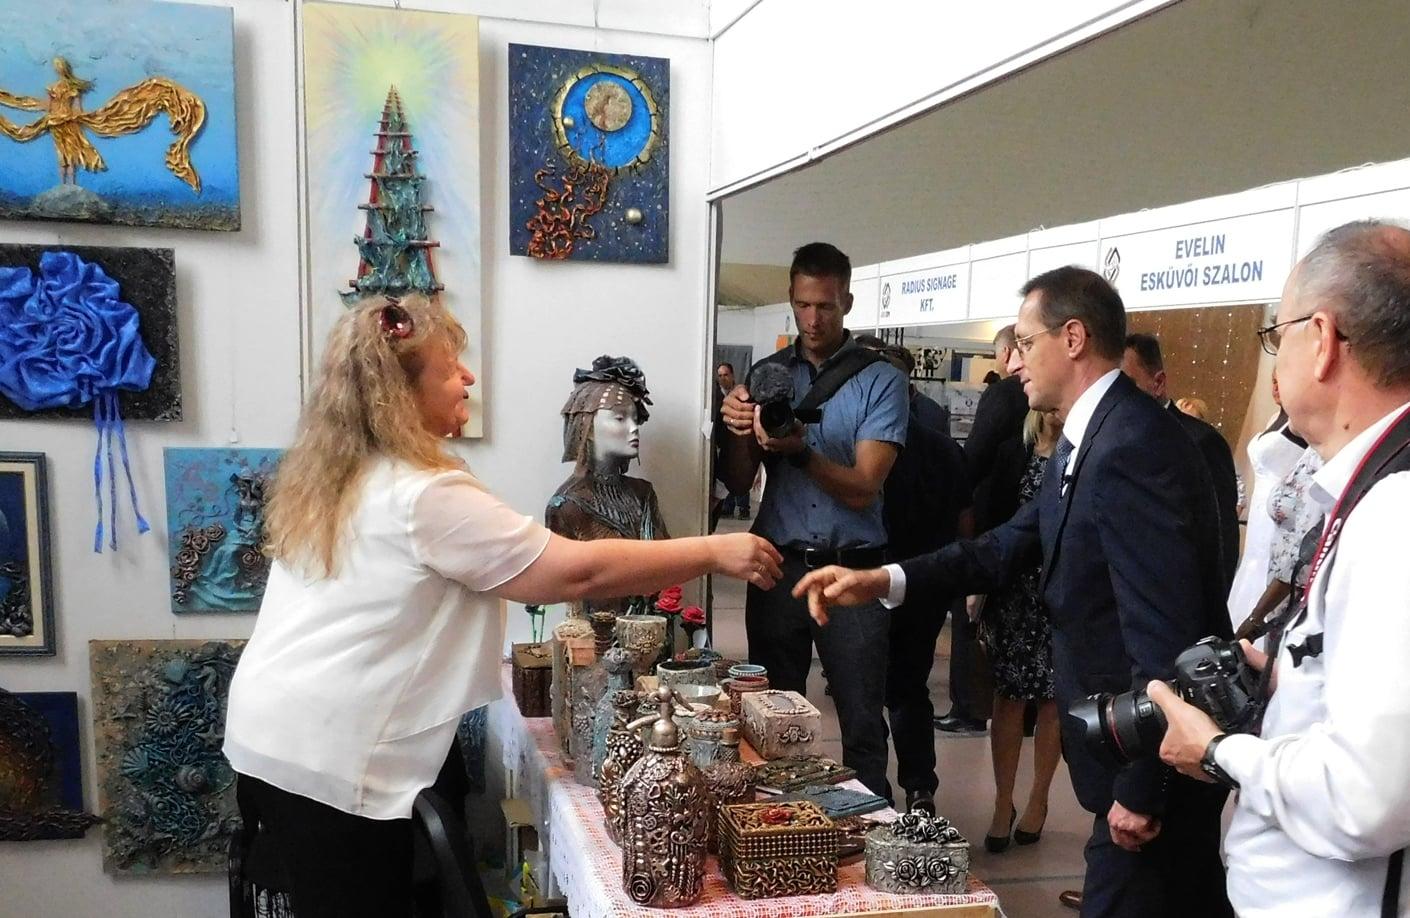 Varga Mihály pénzügyminiszter gratulál TikoTex alkotásaimhoz a X. Jász-Expon